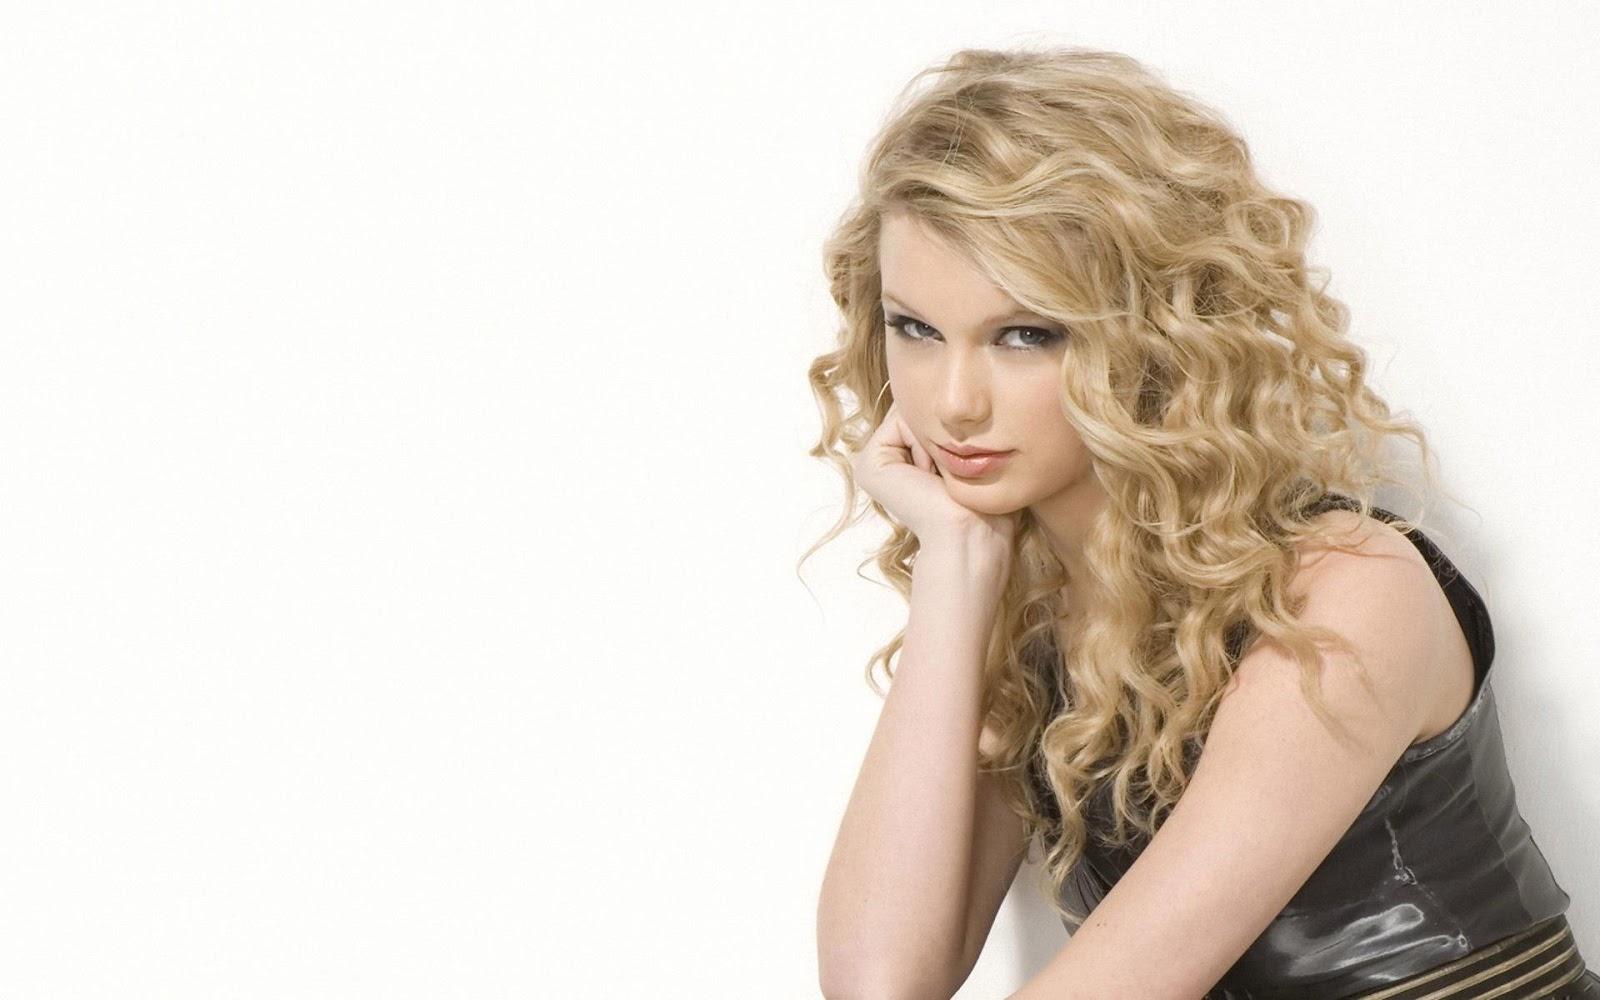 http://1.bp.blogspot.com/-jZleyQcDYYM/T0lsU2qfcwI/AAAAAAAADiw/v8yUU7Ai4pI/s1600/Taylor+Swift+003.jpg